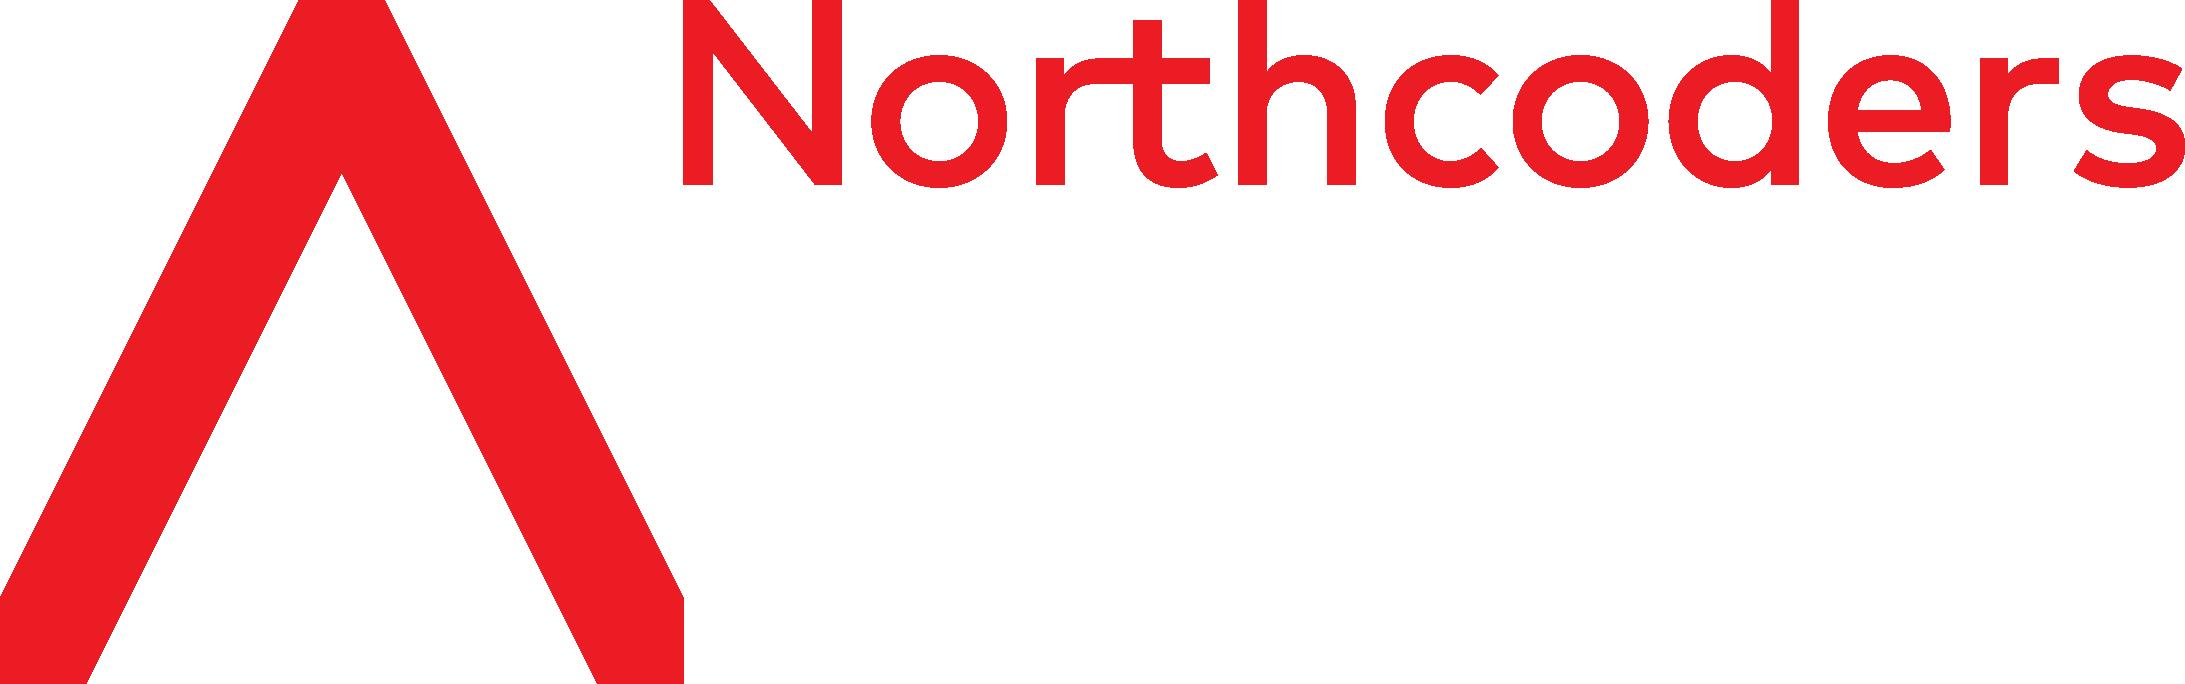 Northcoders